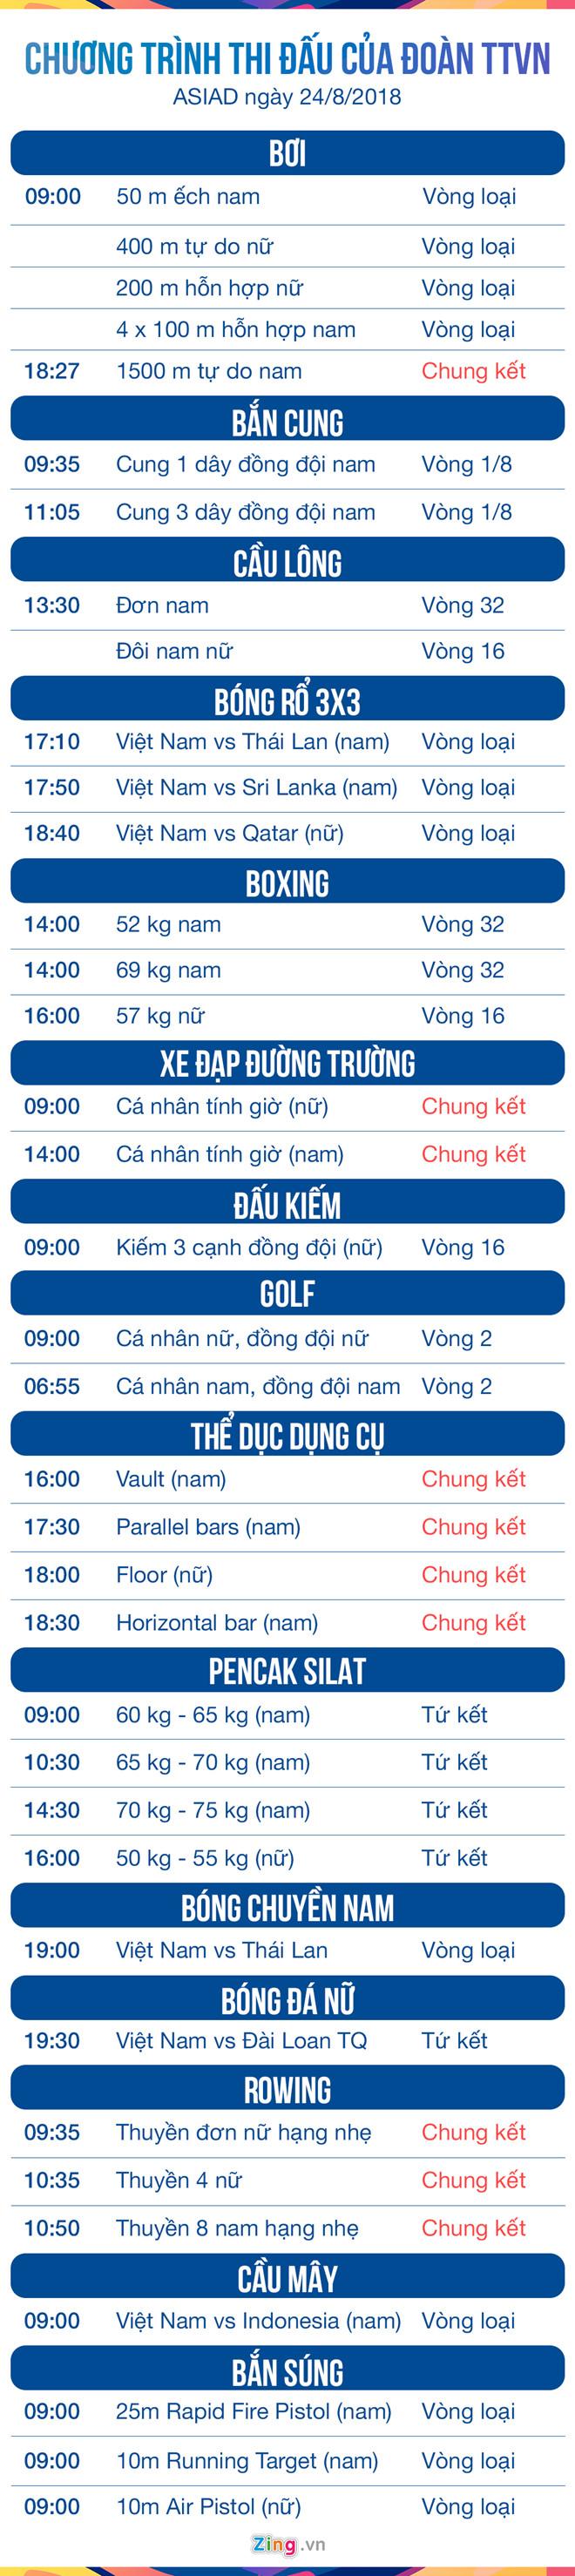 Lịch thi đấu của đoàn thể thao Việt Nam tại Asiad 2018 ngày 24/8